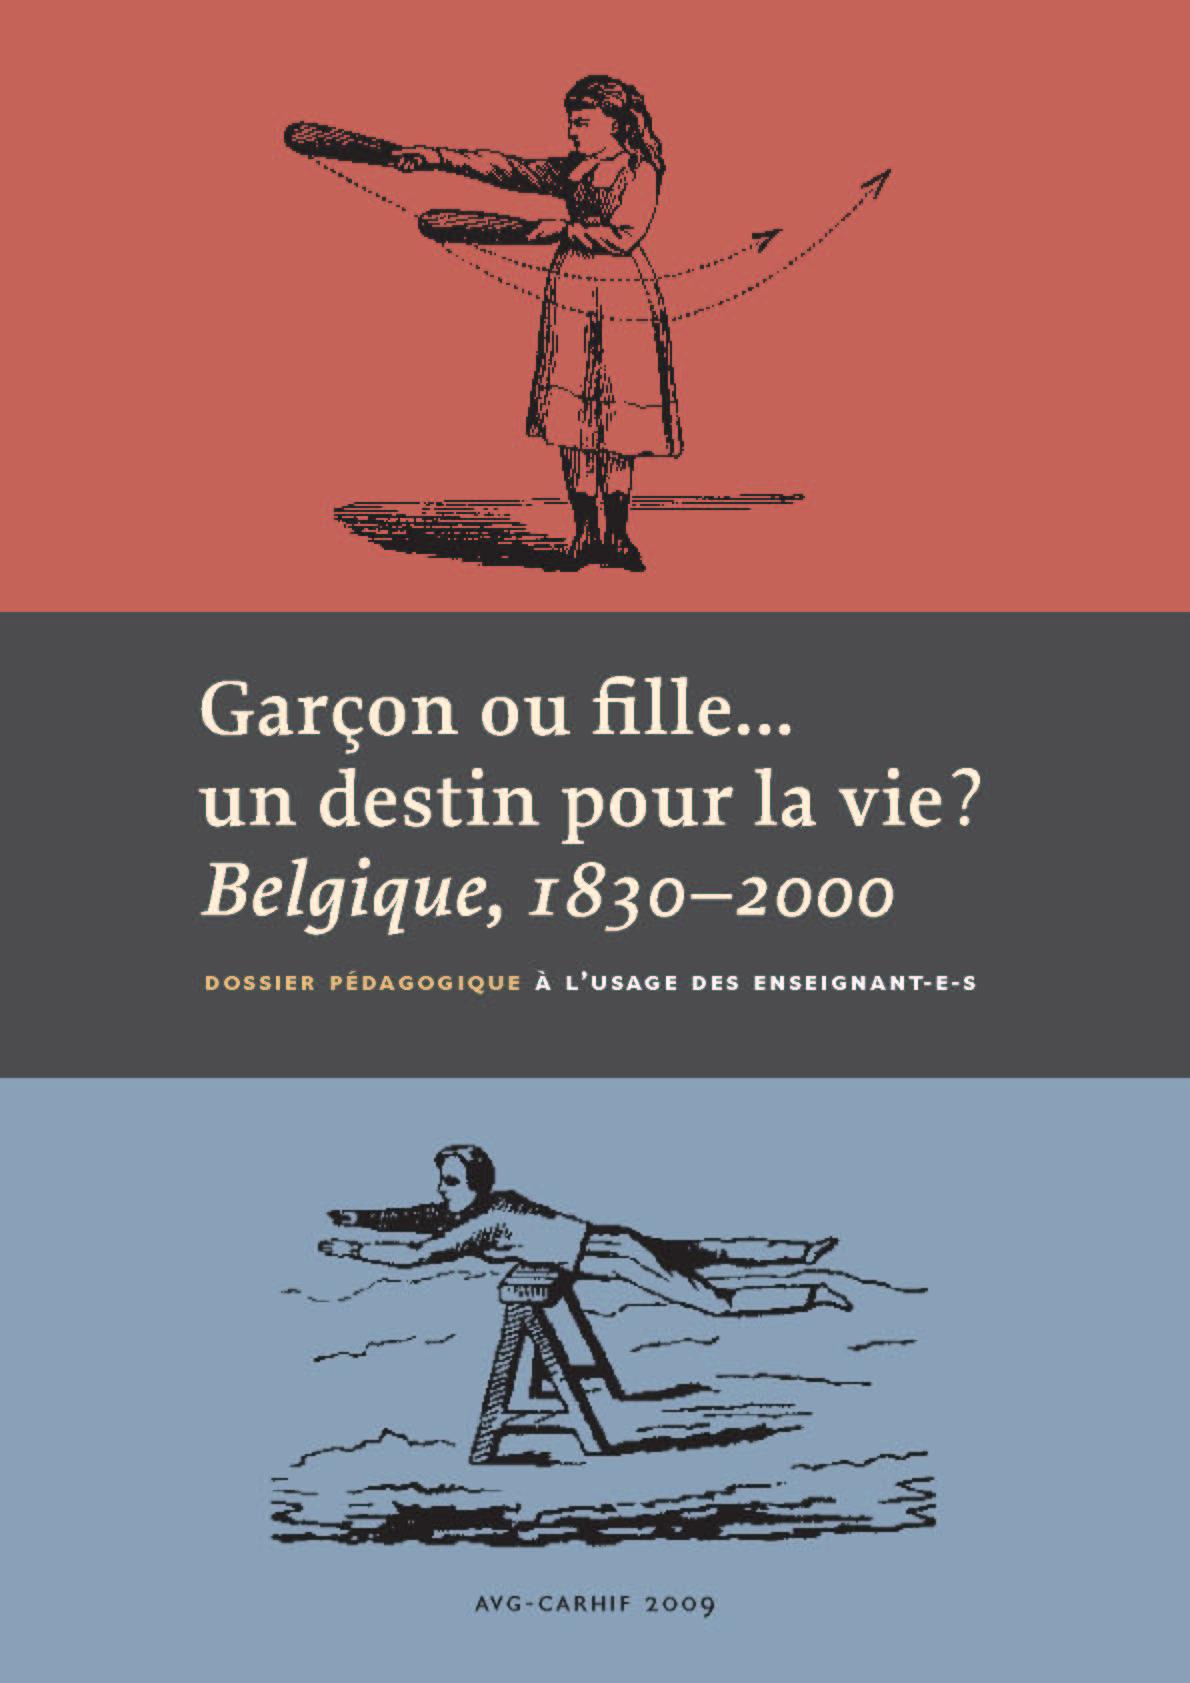 Garçon ou fille... un destin pour la vie? Belgique 1830-2000